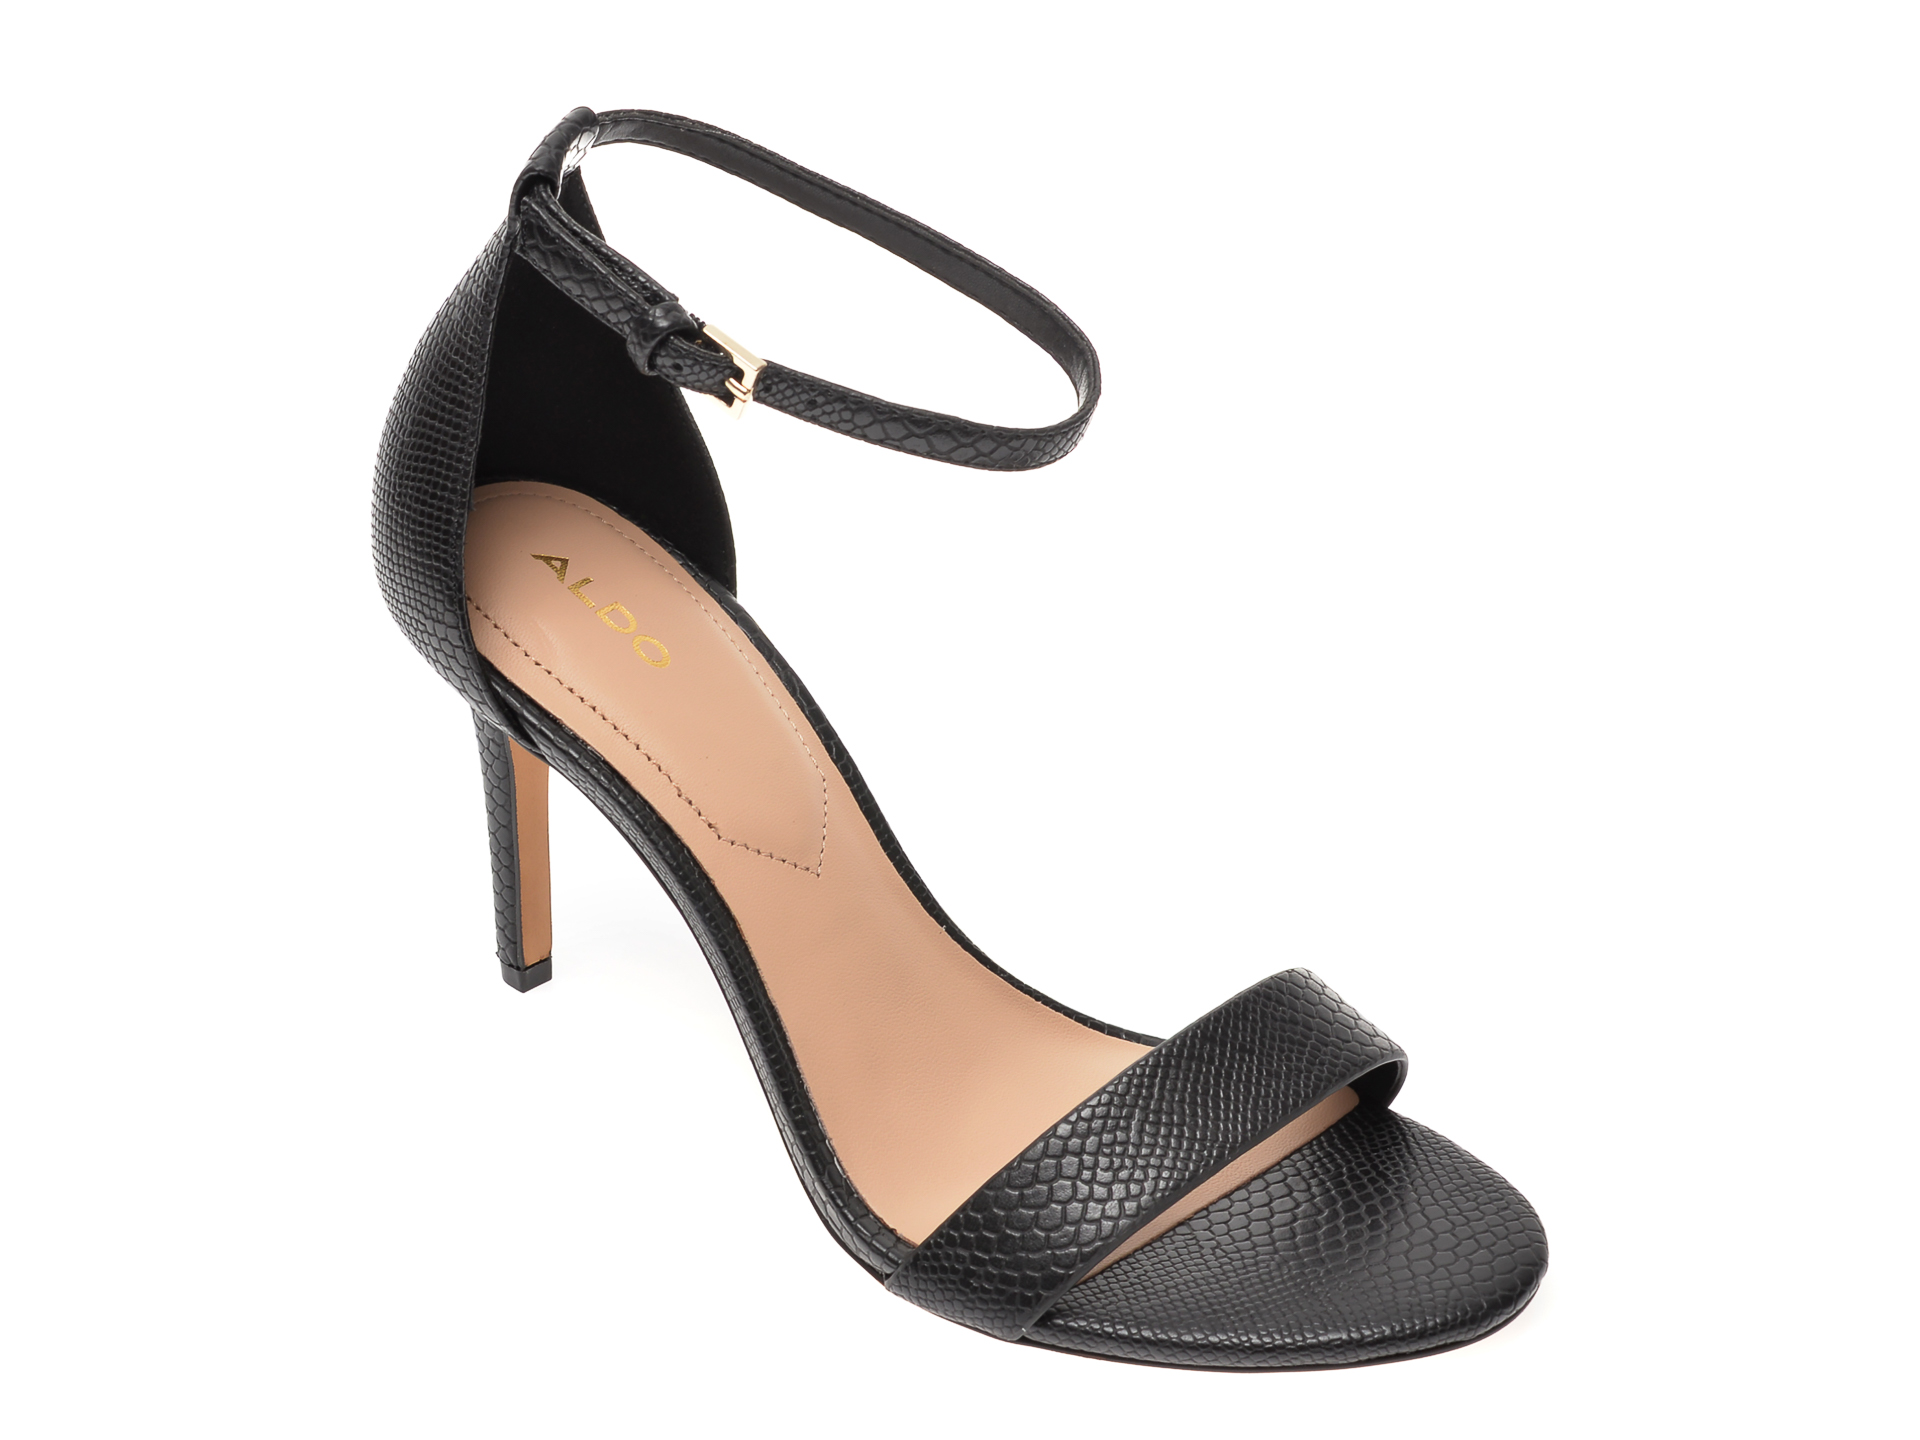 Sandale ALDO negre, Piliria001, din piele ecologica New